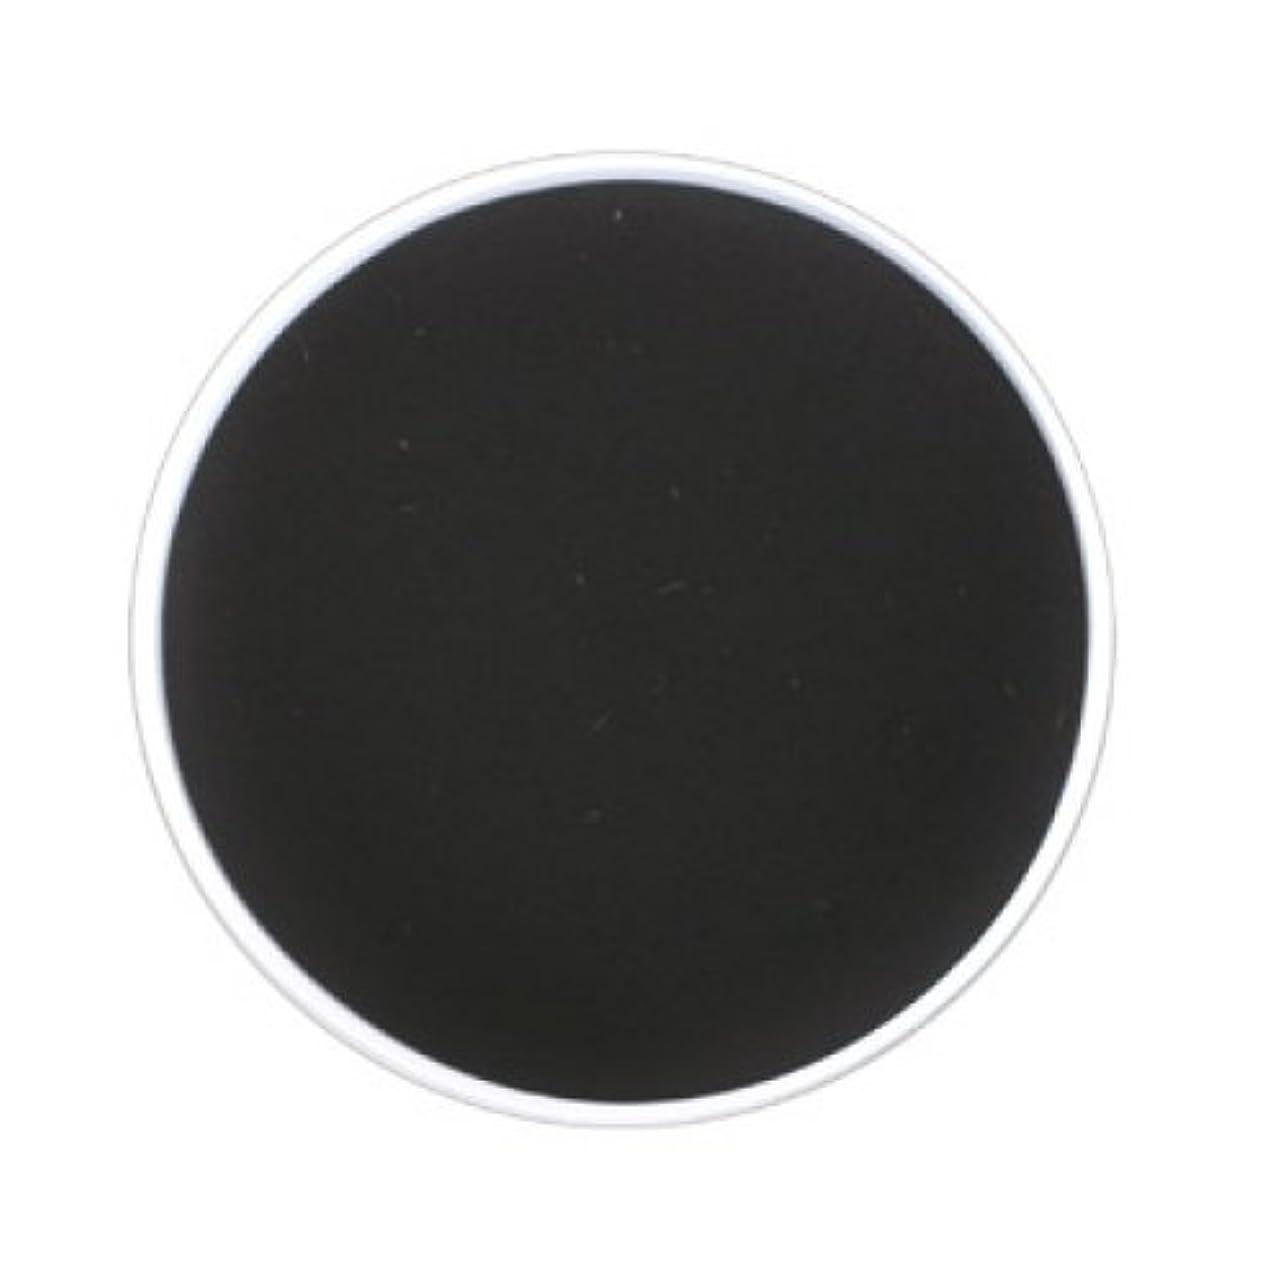 第二土登録するmehron Color Cups Face and Body Paint - Black (並行輸入品)